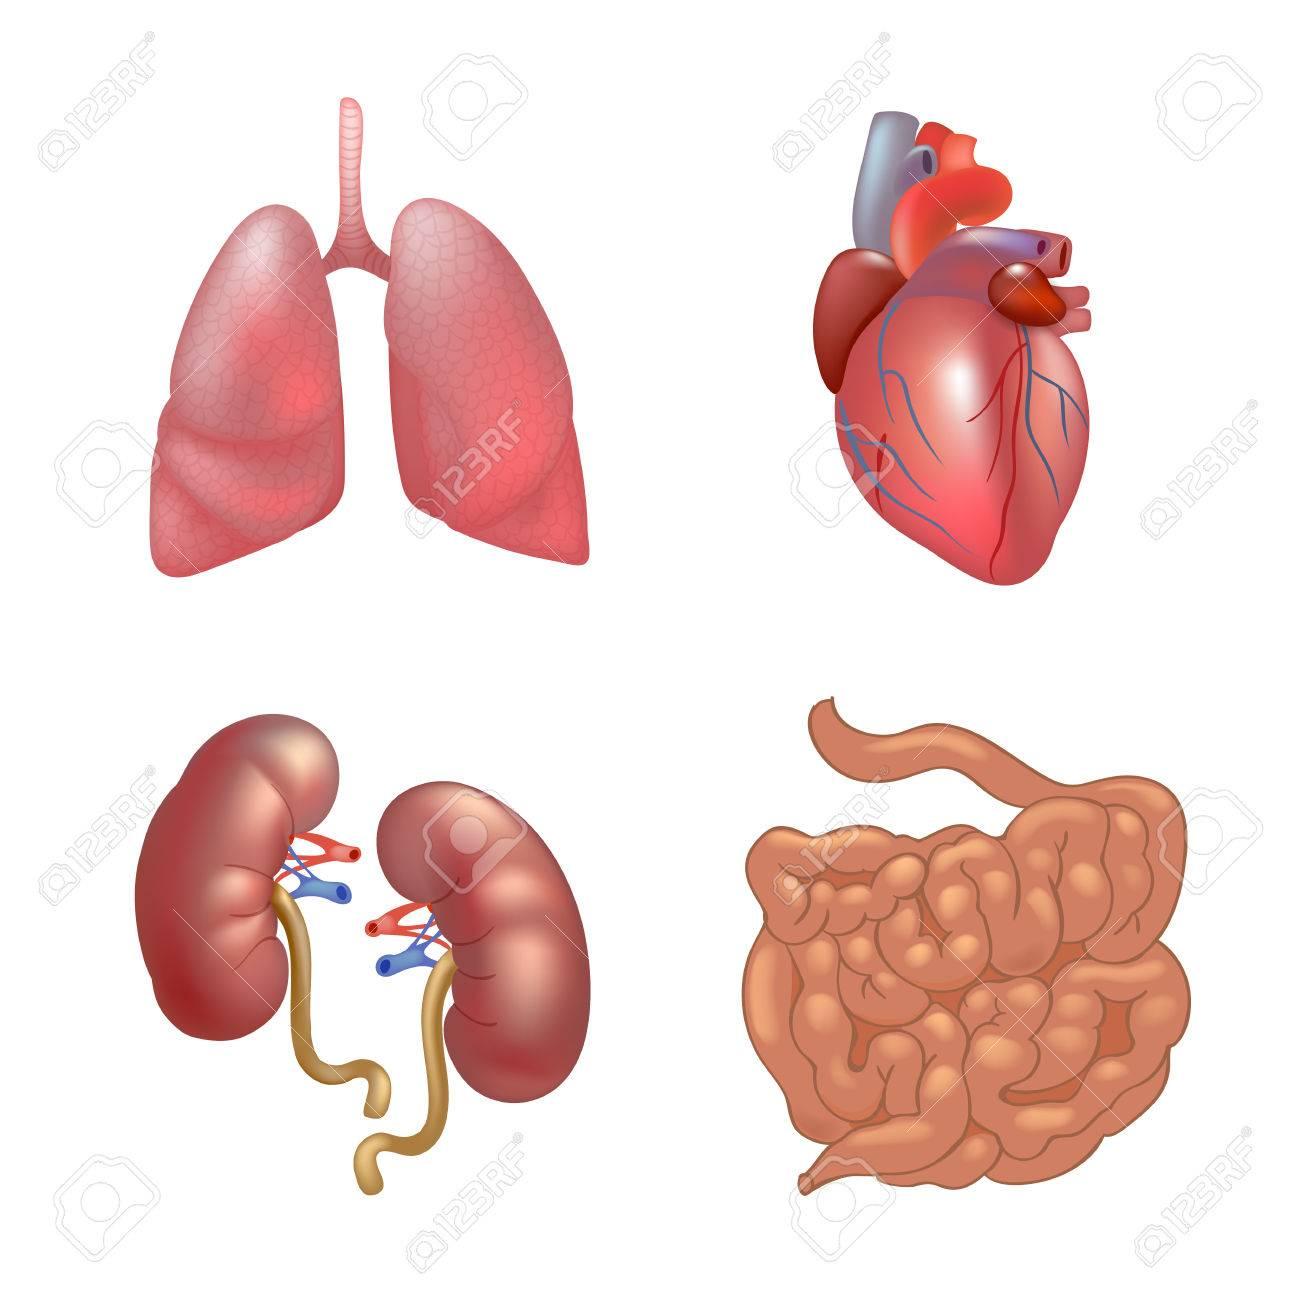 Famoso La Anatomía De órganos Inspiración - Imágenes de Anatomía ...